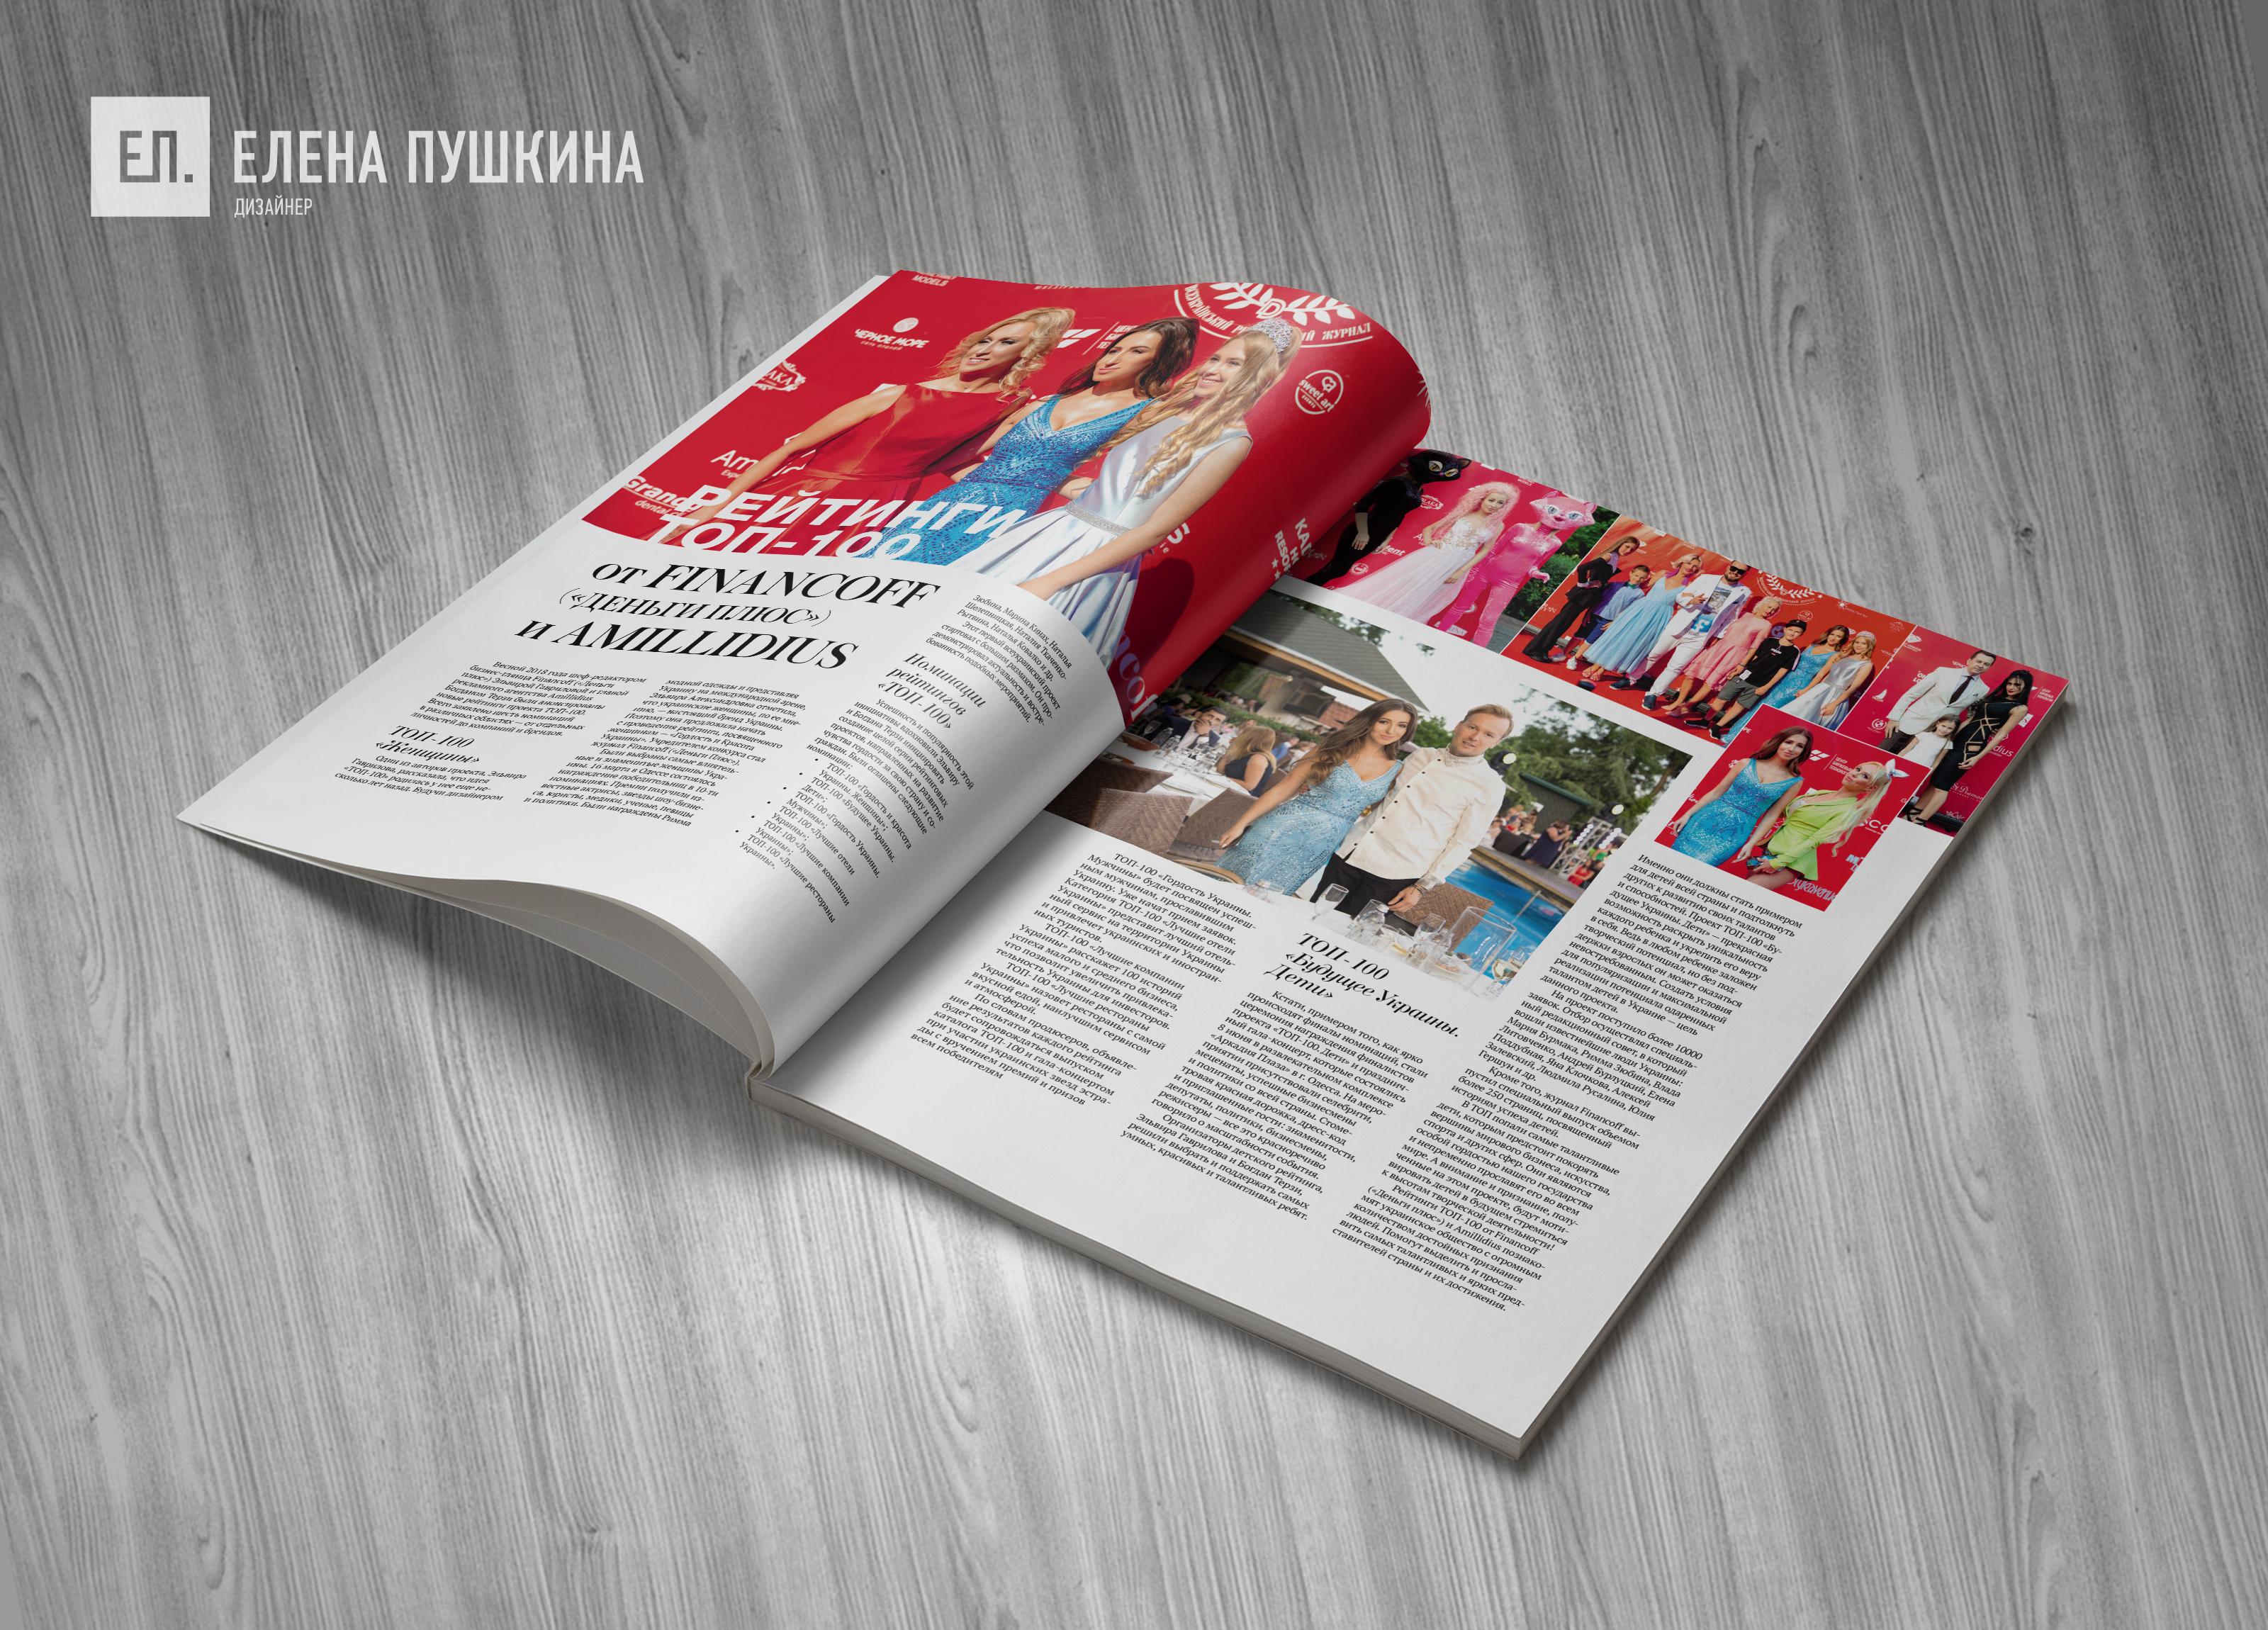 Глянцевый журнал «CoolBaba» №43 июнь 2018— разработка дизайна ивёрстка журнала Разработка журналов Портфолио